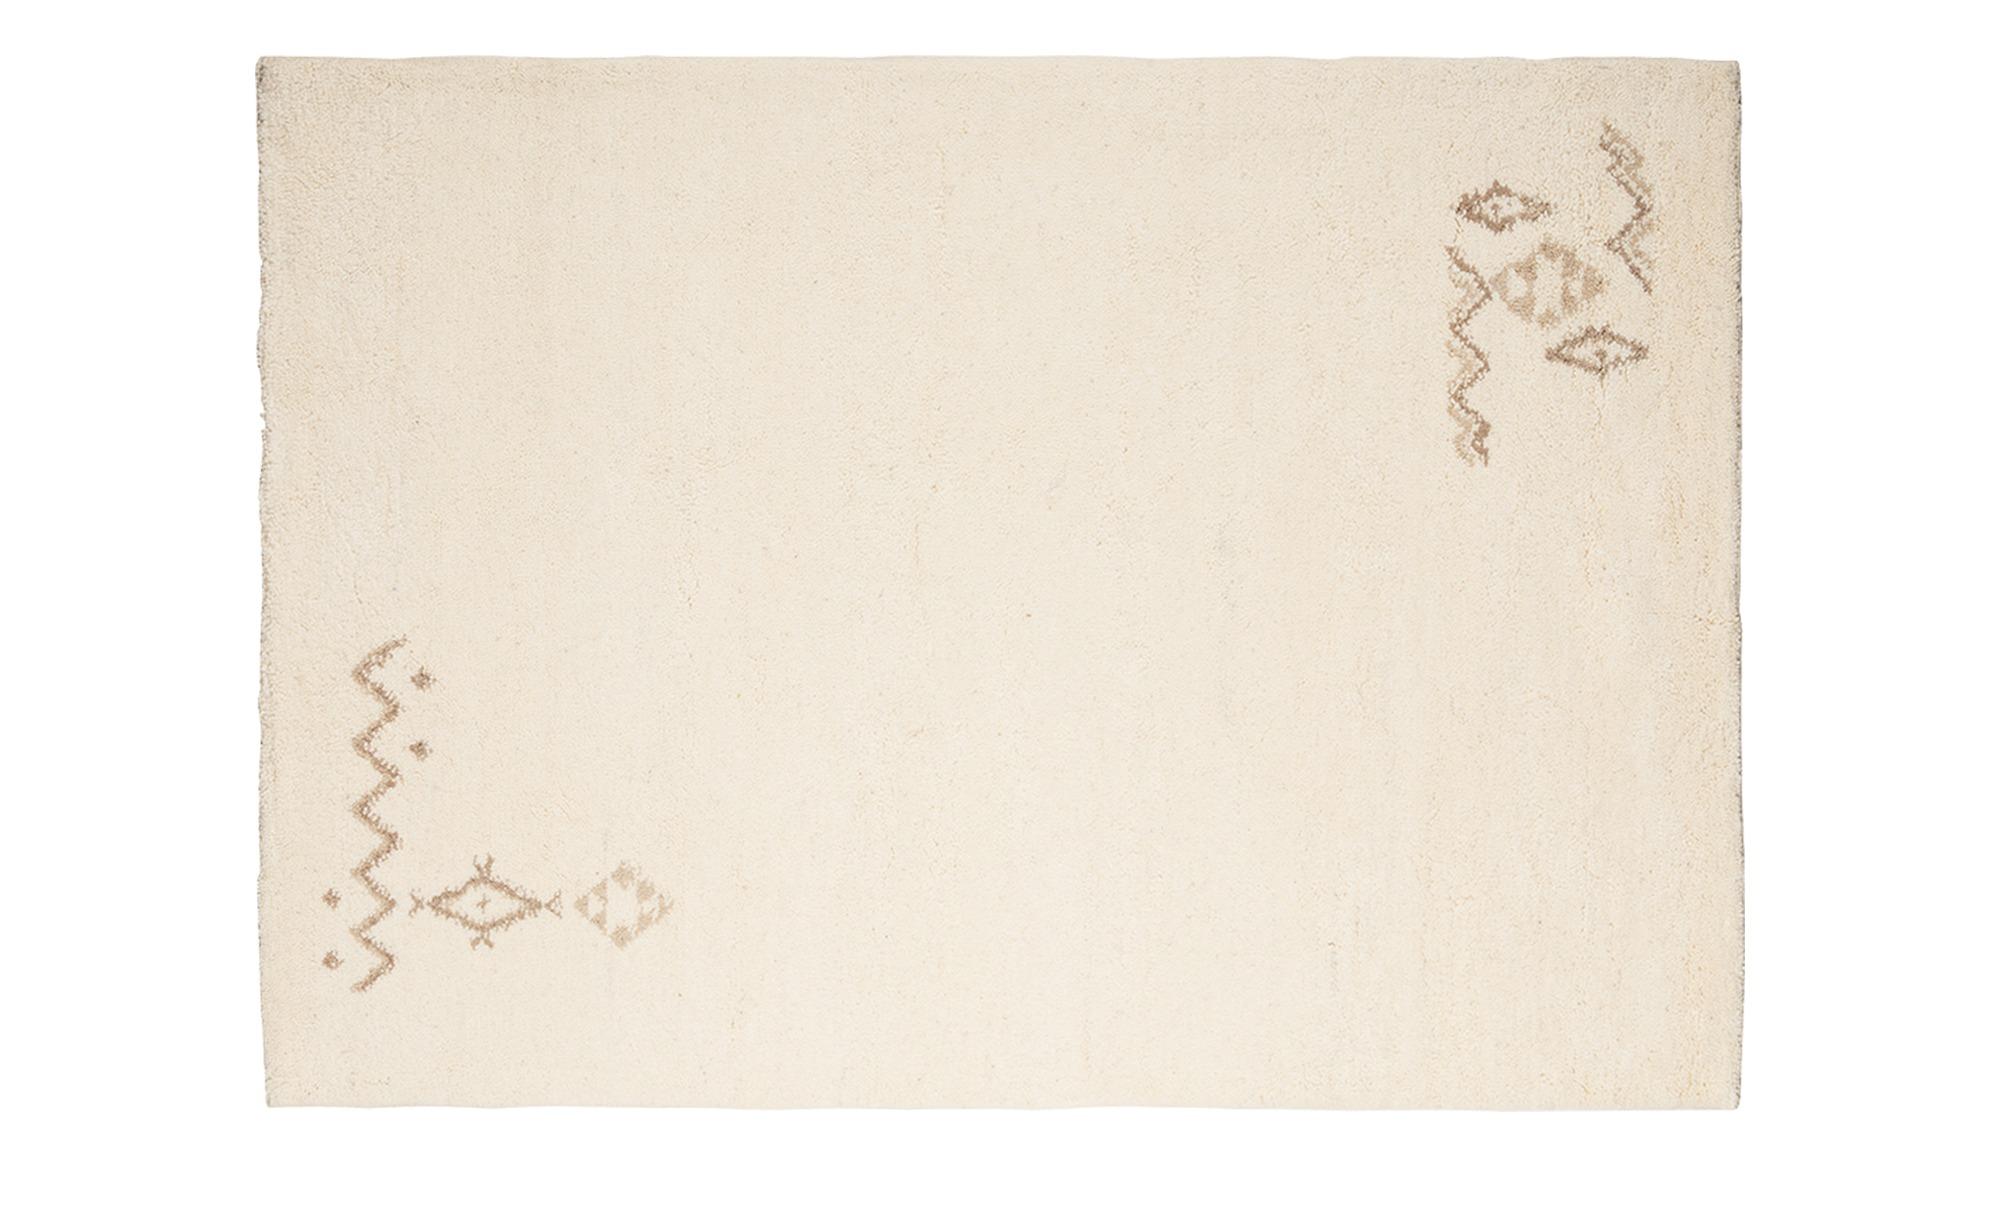 Berber-Teppich  Rabat ¦ creme ¦ reine Wolle ¦ Maße (cm): B: 90 Teppiche > Auslegware - Höffner | Heimtextilien > Teppiche > Berberteppiche | Creme | Wolle | Möbel Höffner DE